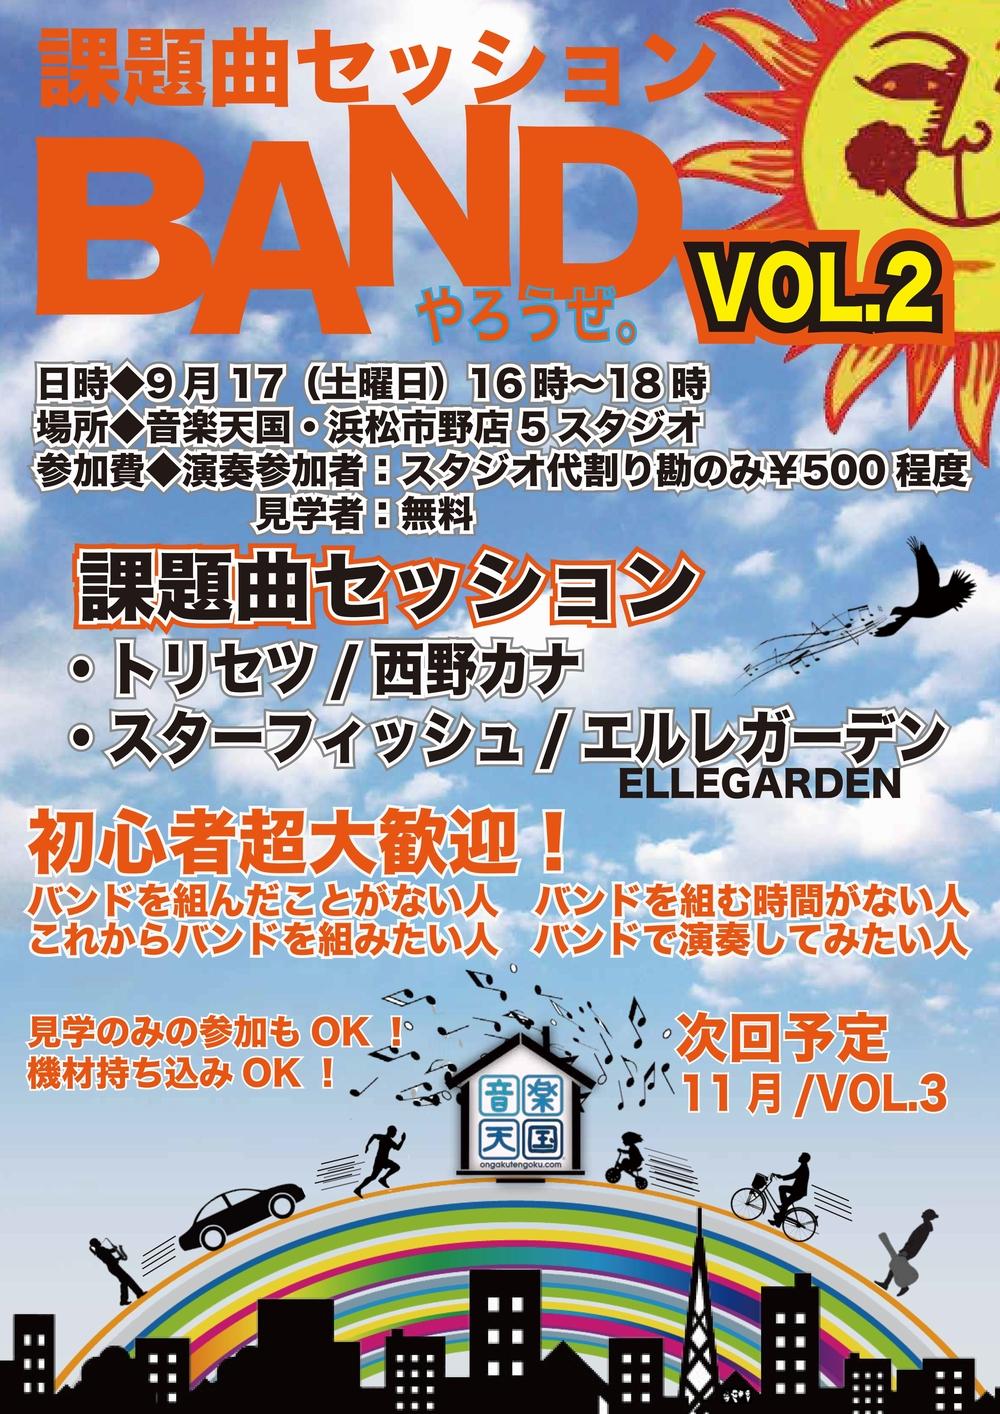 【課題曲セッション天国】BANDやろうぜ!音楽天国・浜松市野店9月17日(土)第2弾開催